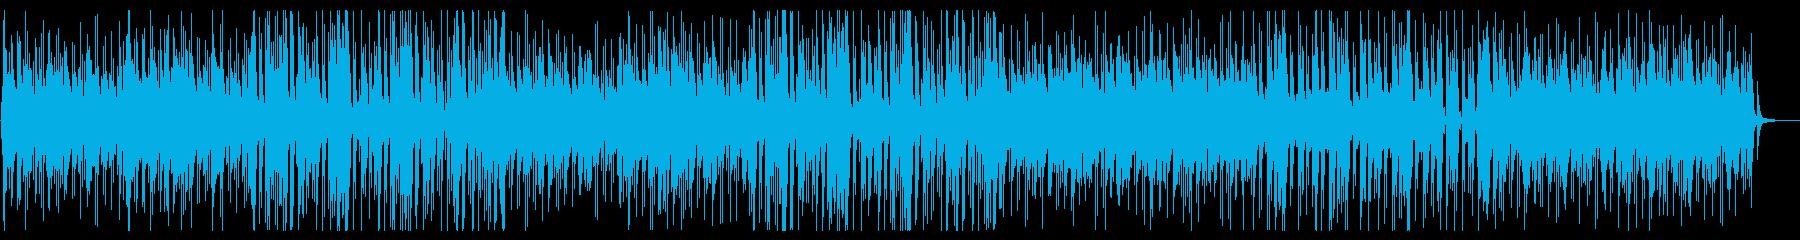 ゆったり落ち着くピアノのボサノバの再生済みの波形